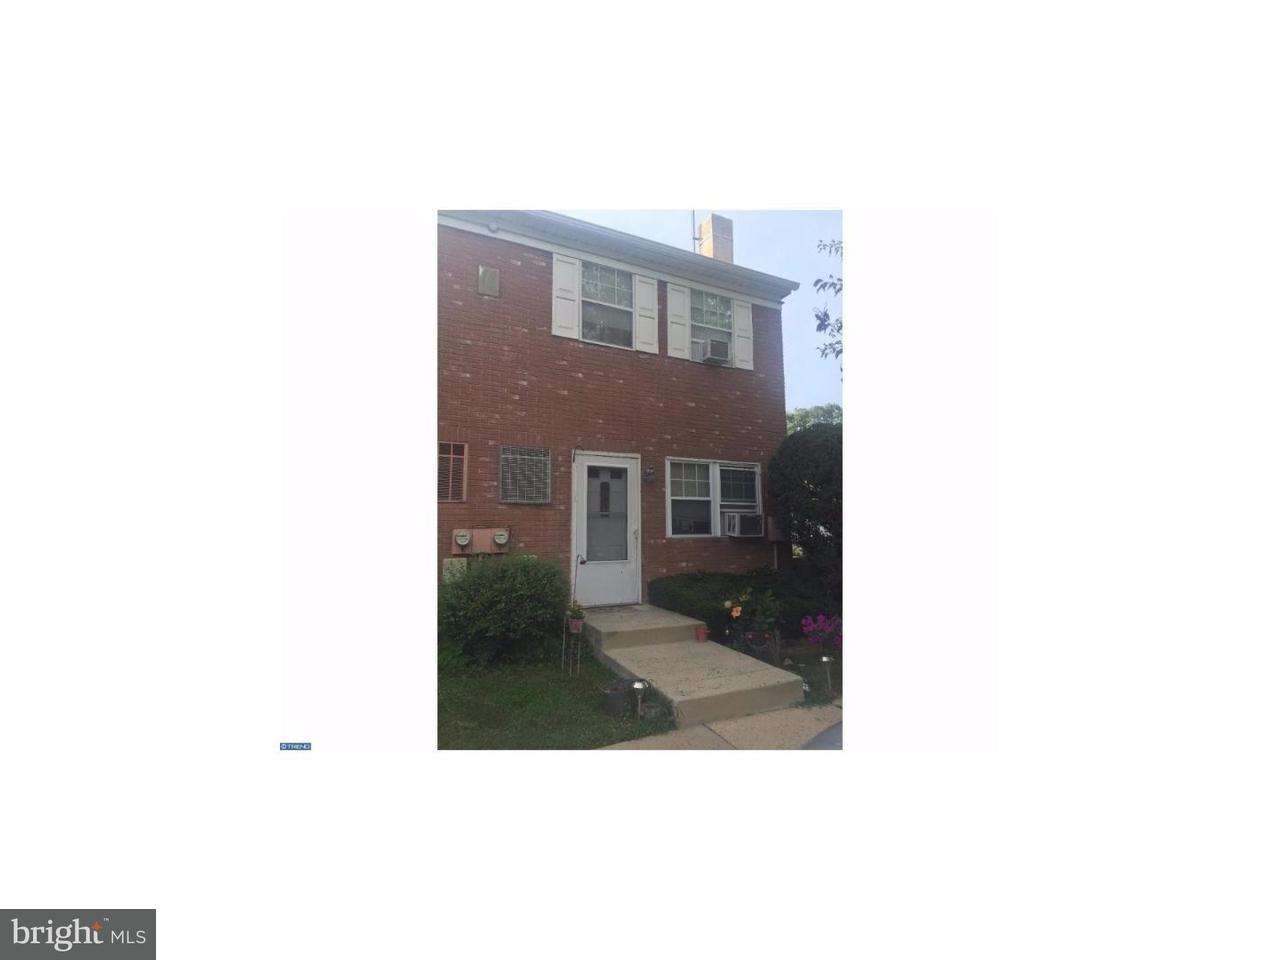 Casa unifamiliar adosada (Townhouse) por un Alquiler en 515 N YORK RD #11A Willow Grove, Pennsylvania 19090 Estados Unidos